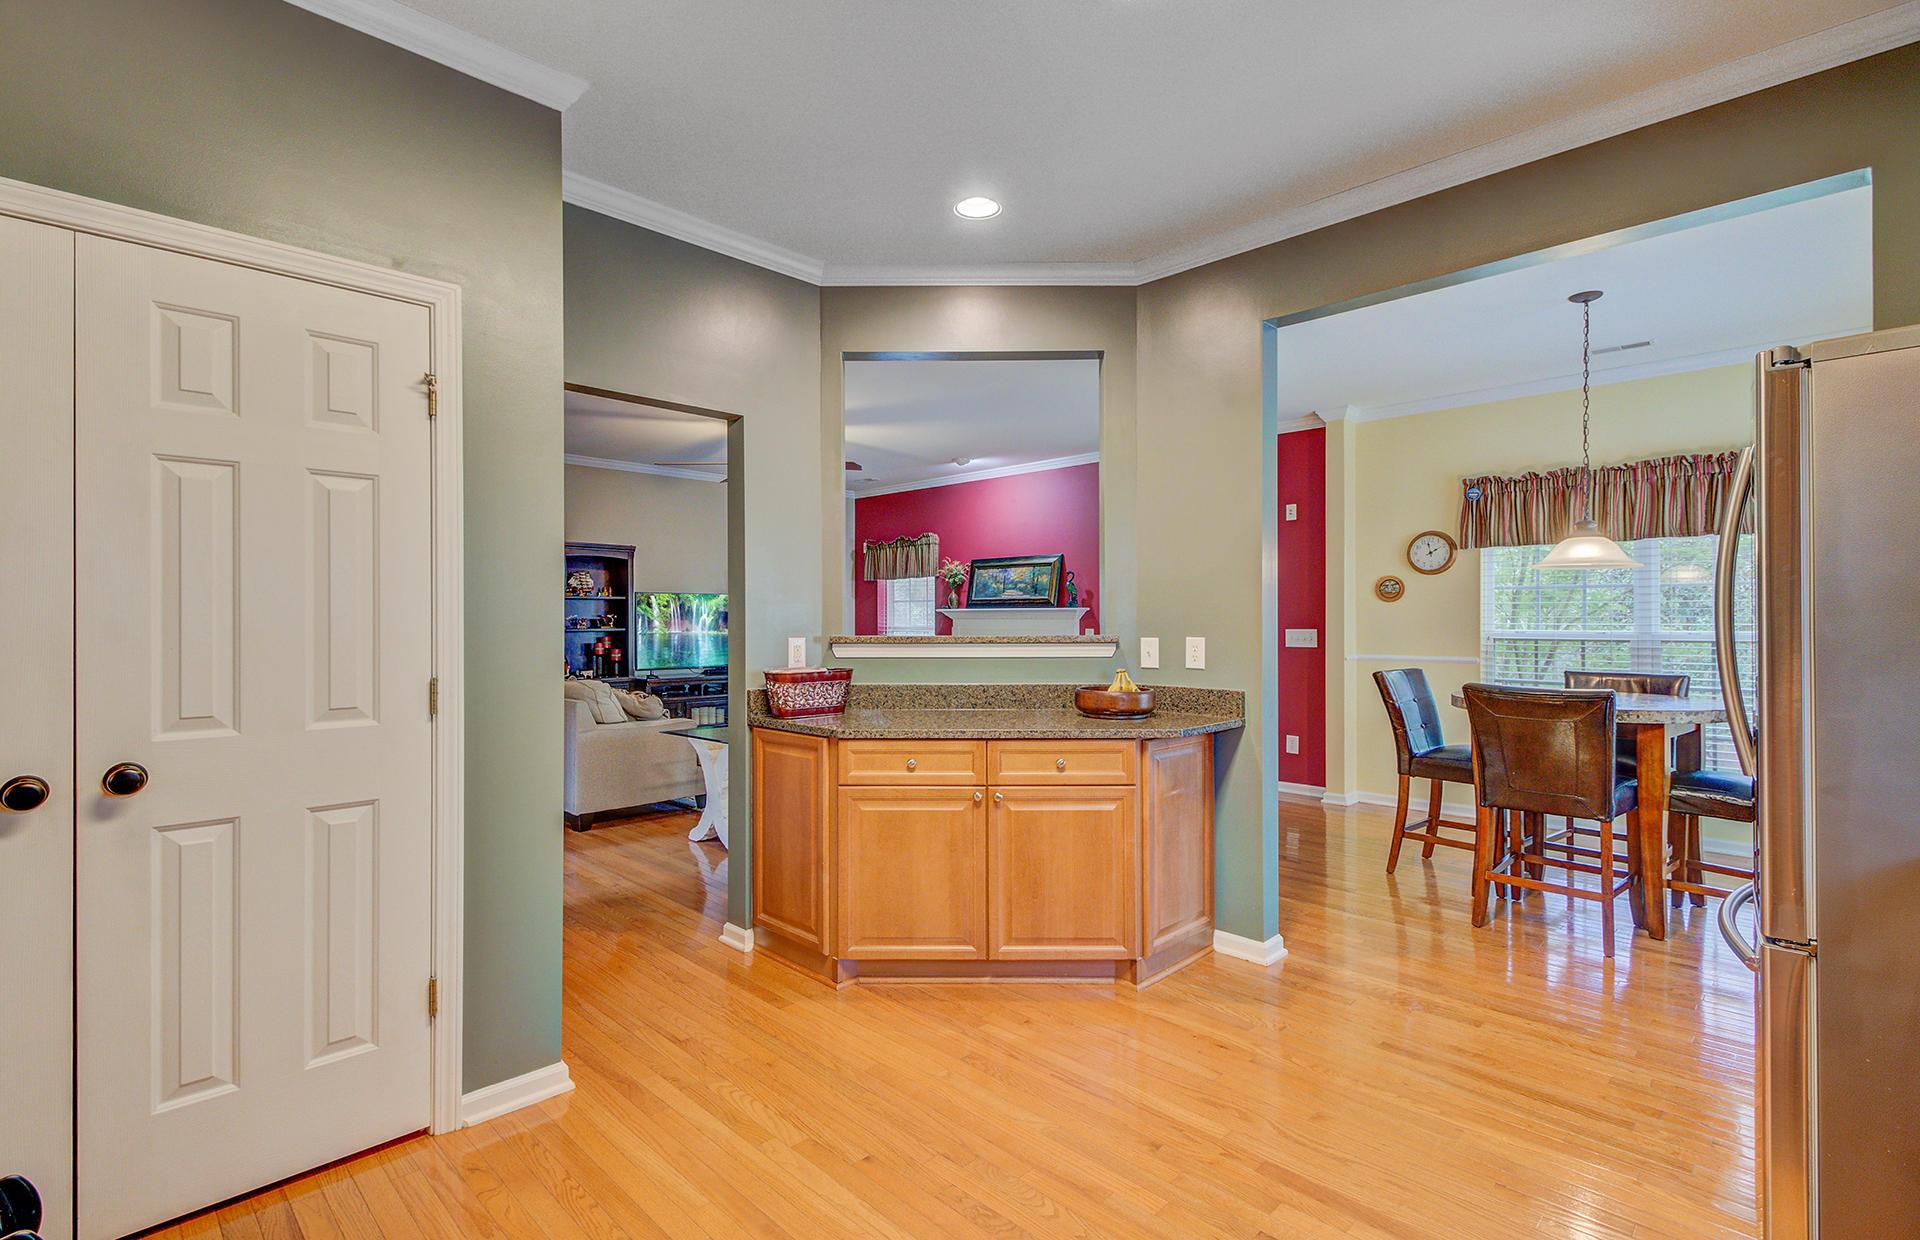 Park West Homes For Sale - 3120 Sonja, Mount Pleasant, SC - 37